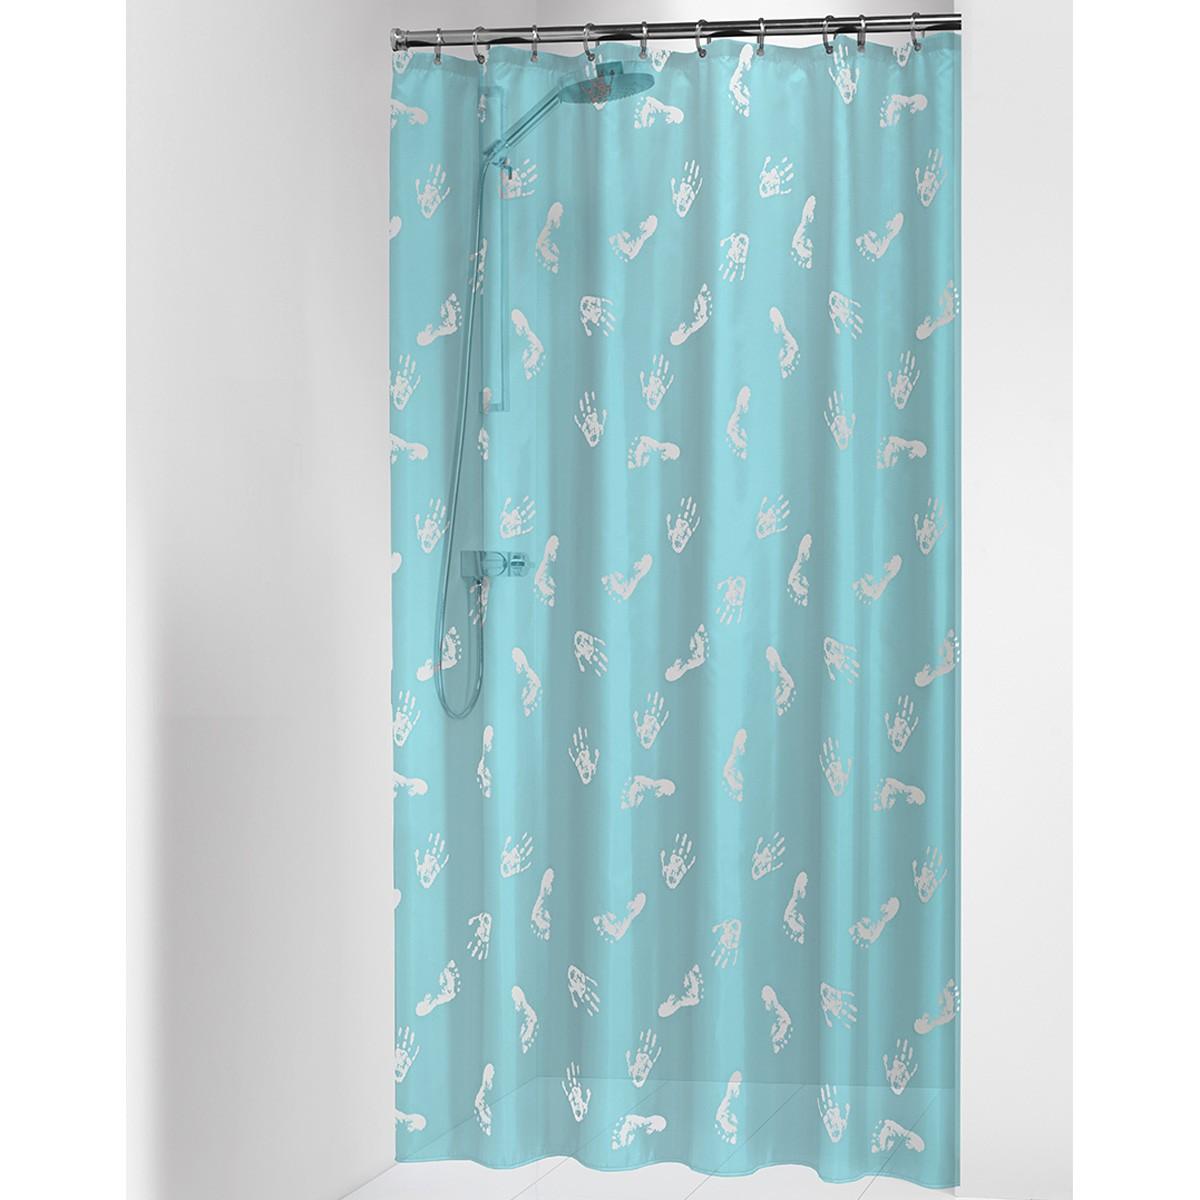 Κουρτίνα Μπάνιου Πλαστική (180x200) SealSkin Amy Turquoise